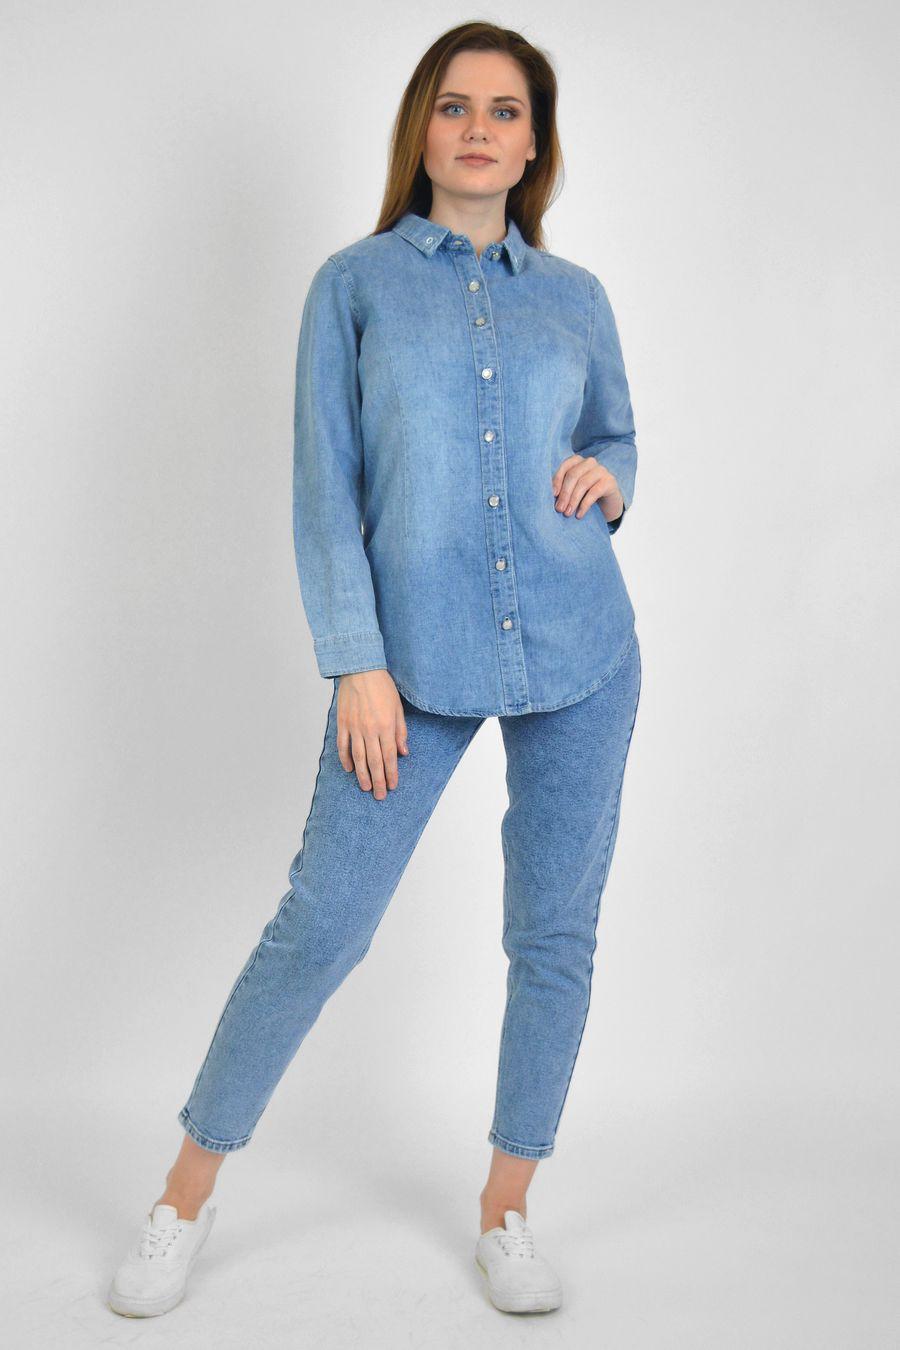 Рубашка женская Baccino 9677 джинсовая - фото 2